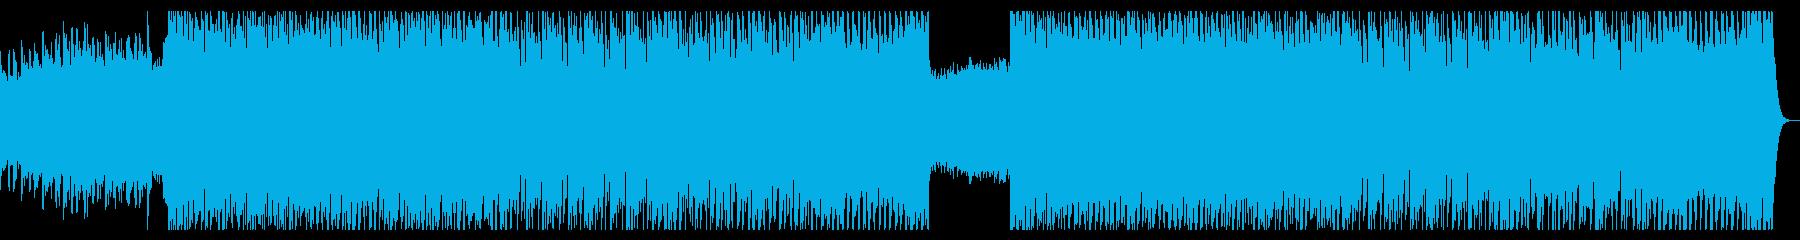 対決・ピンチ・緊迫感・ロック・激しいの再生済みの波形